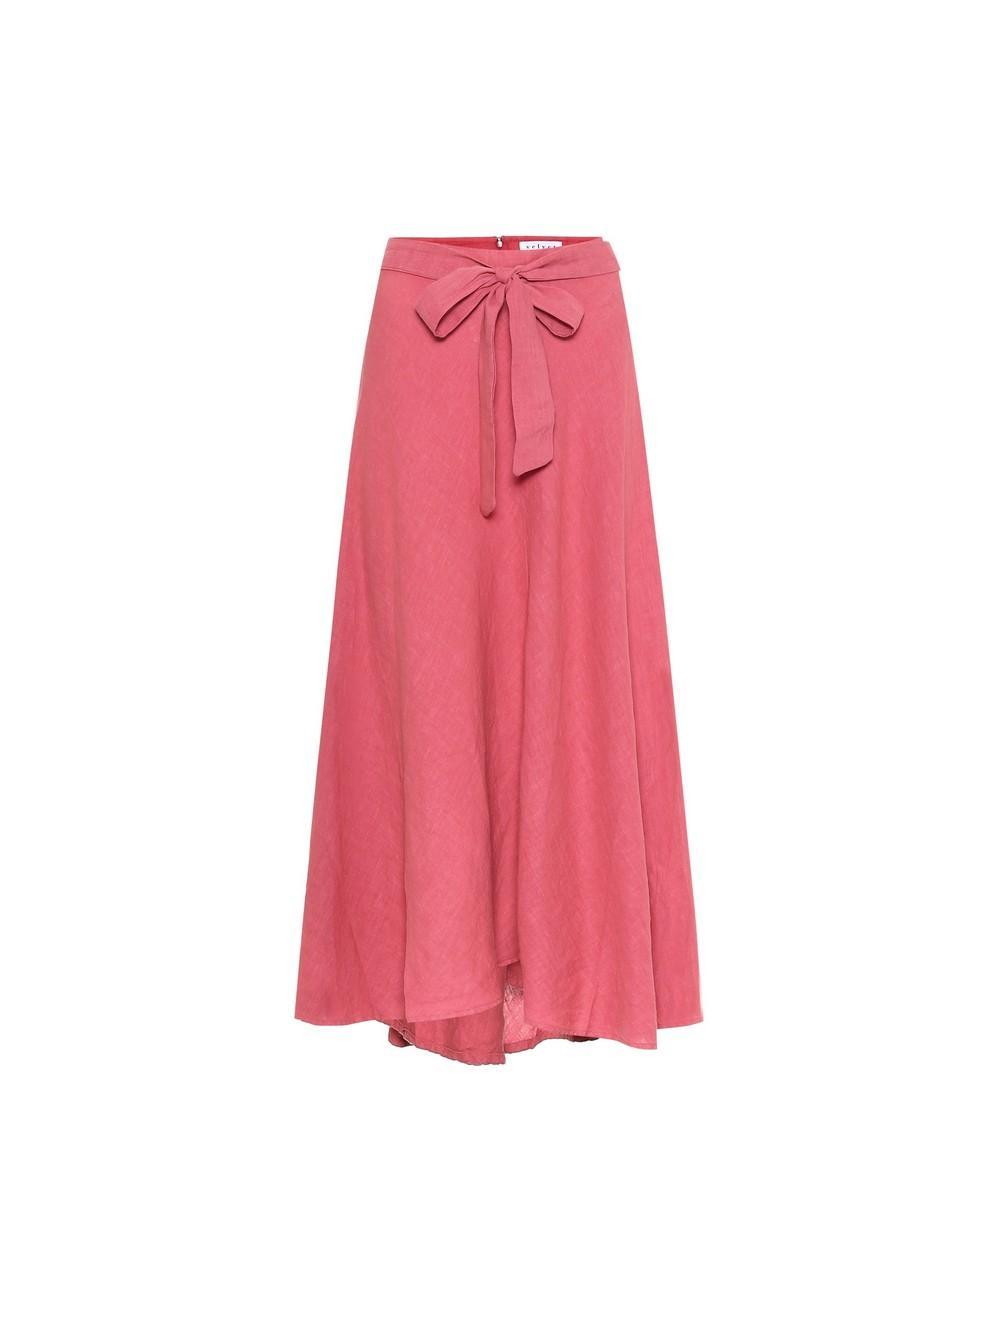 Raleigh Linen Maxi Skirt Item # RALEIGH04